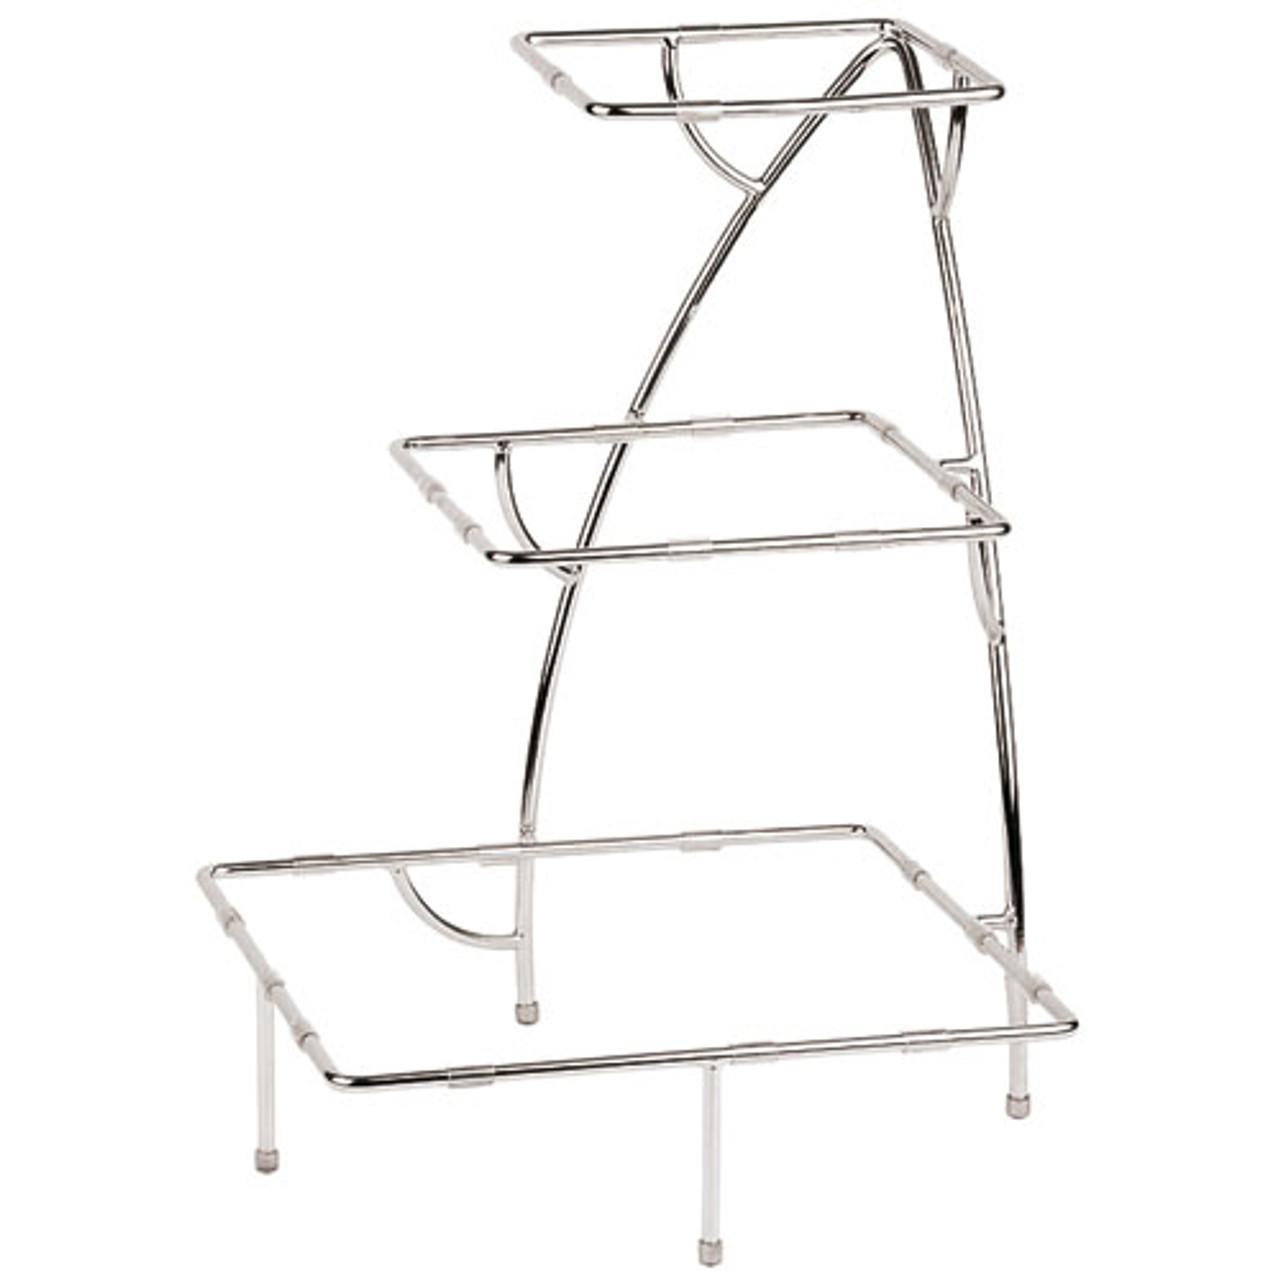 Three-tier Chromed Steel Stand - 14 7/8 x 14 7/8 x 19 5/8, L 14.875 x W 14.875 x H 19.625